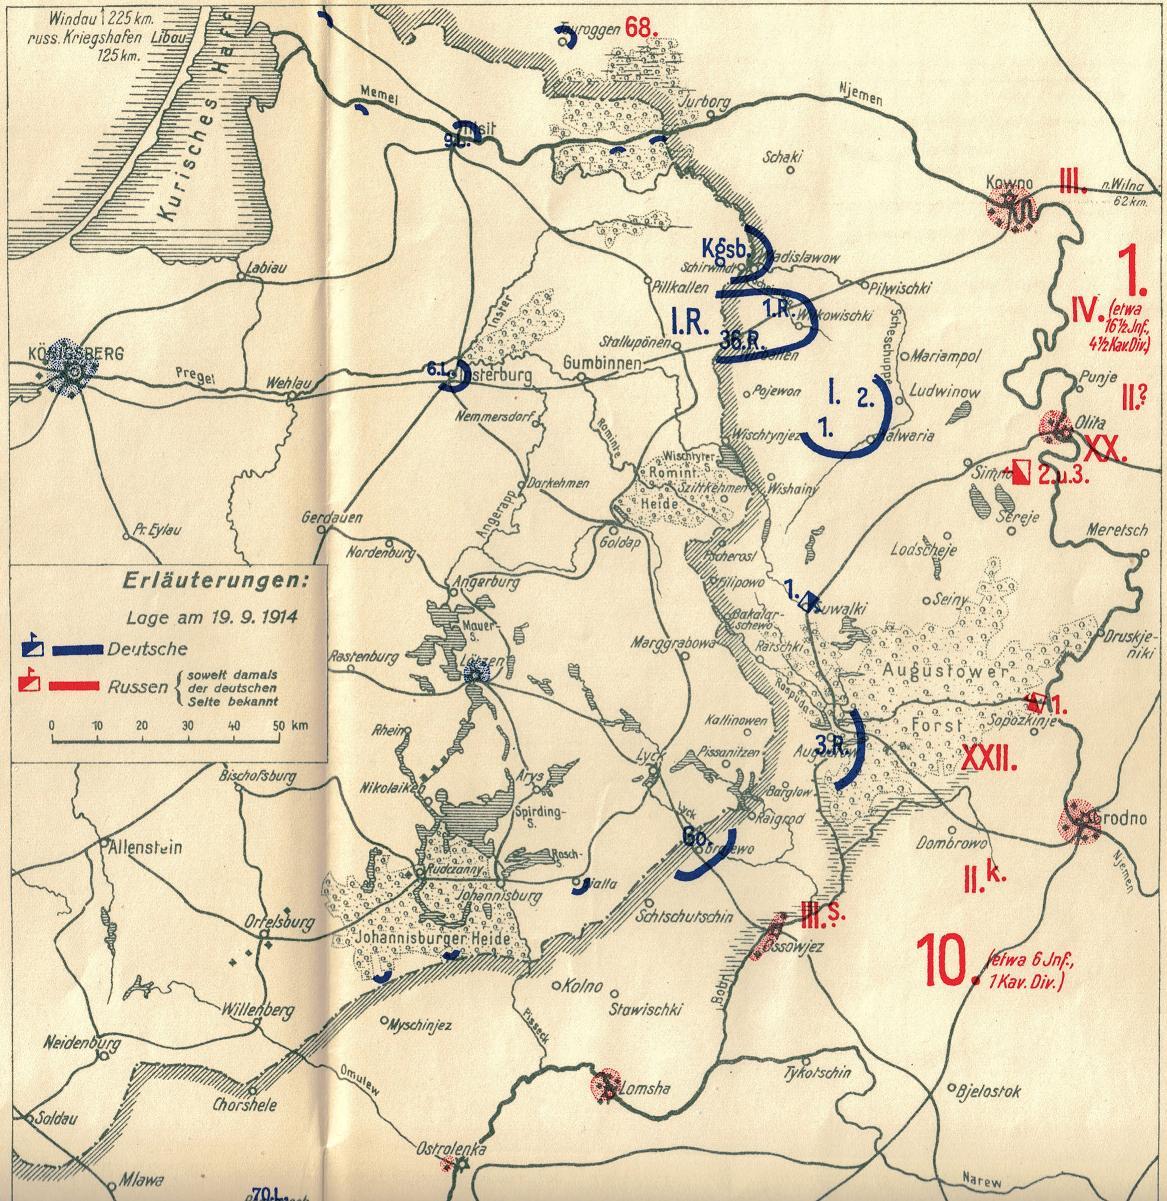 1914-09-19 Lage in Ostpreussen am 19.9.1914 - Skizze 11